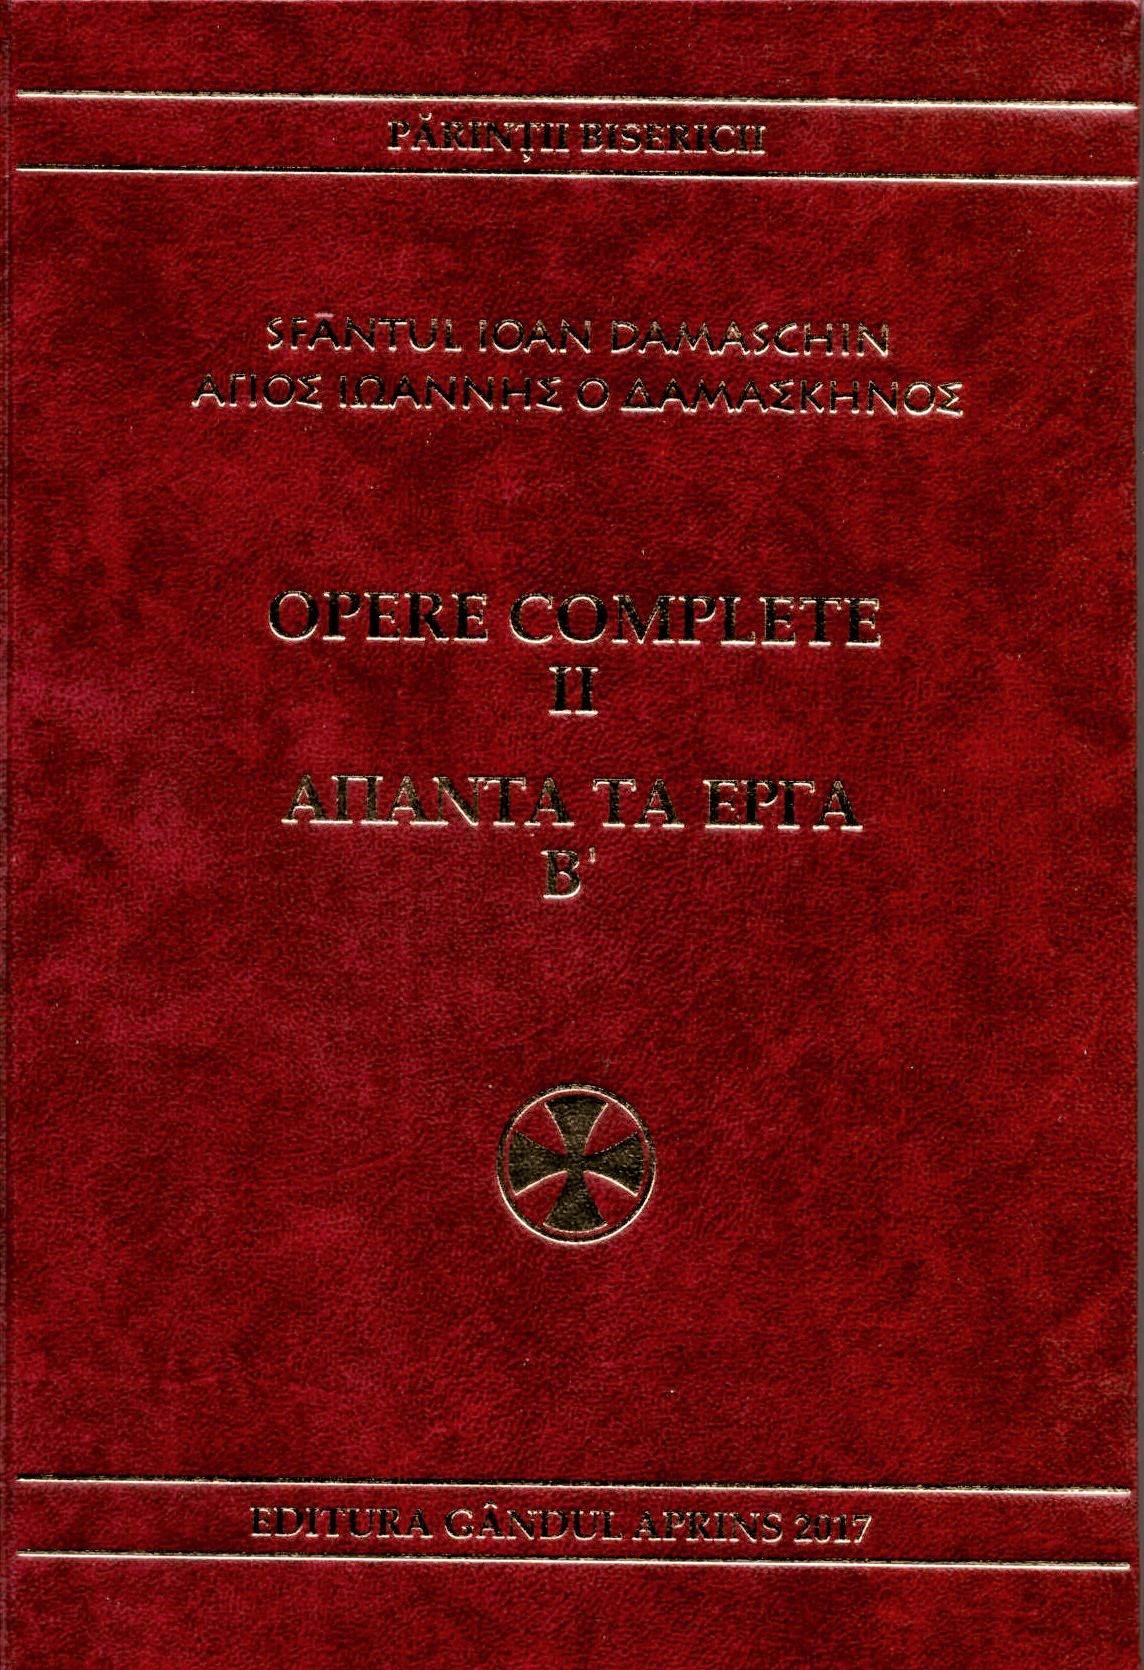 Sfantul Ioan Damaschin Opere complete vol 2 Dogmatica